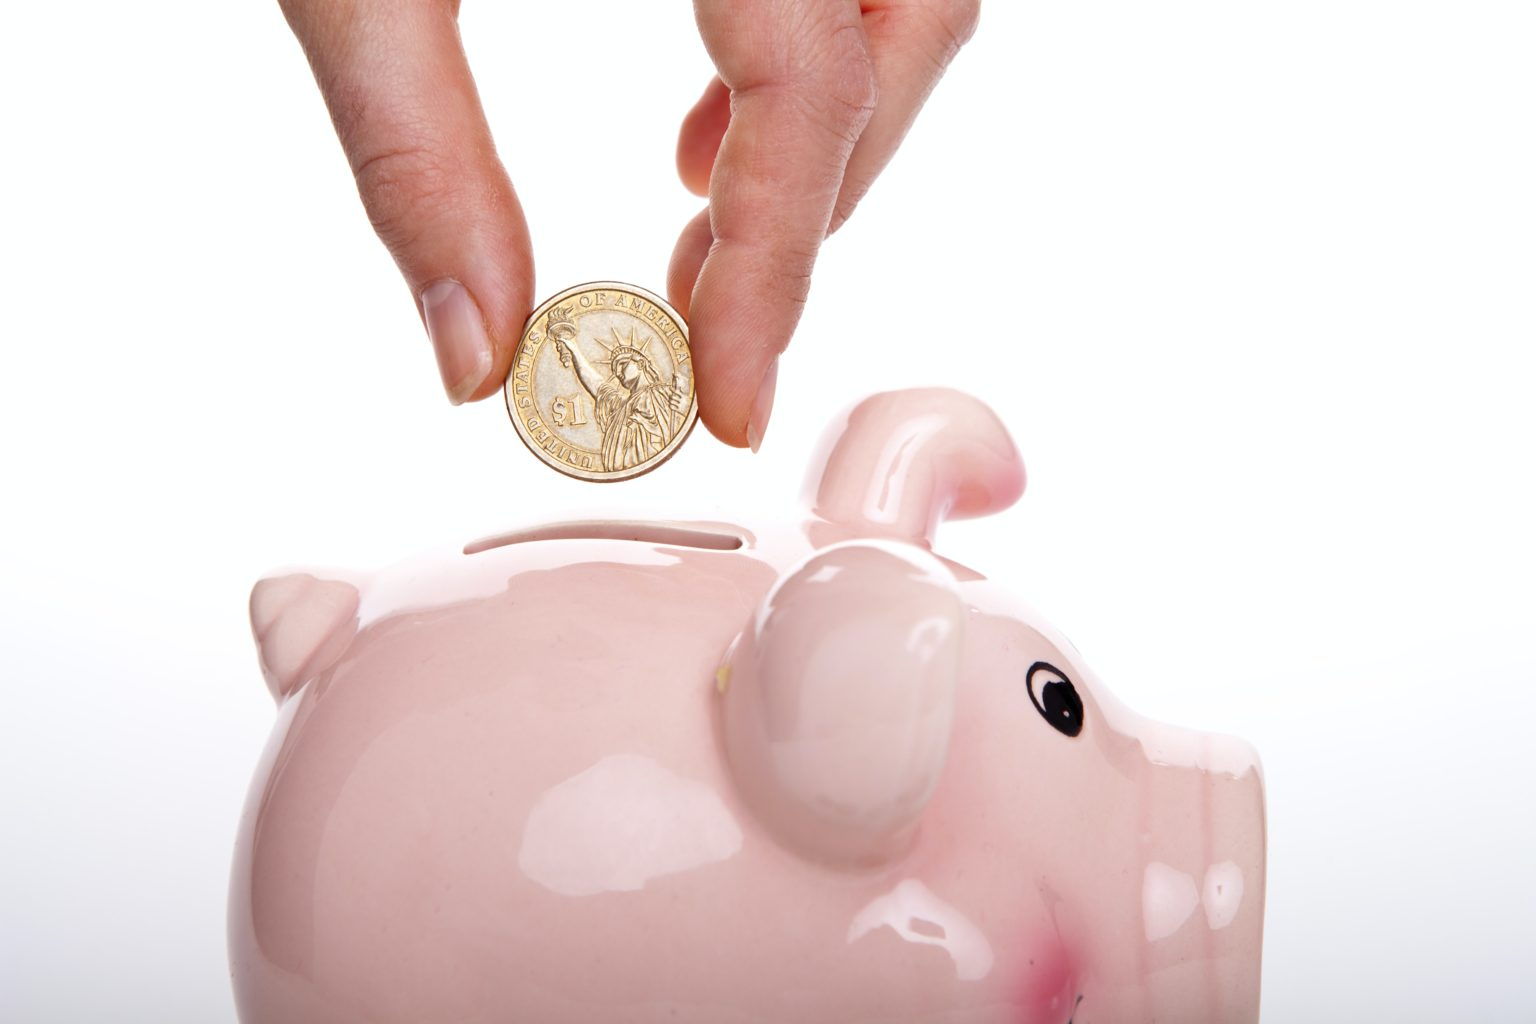 振込手数料を節約(無料に)できる銀行口座